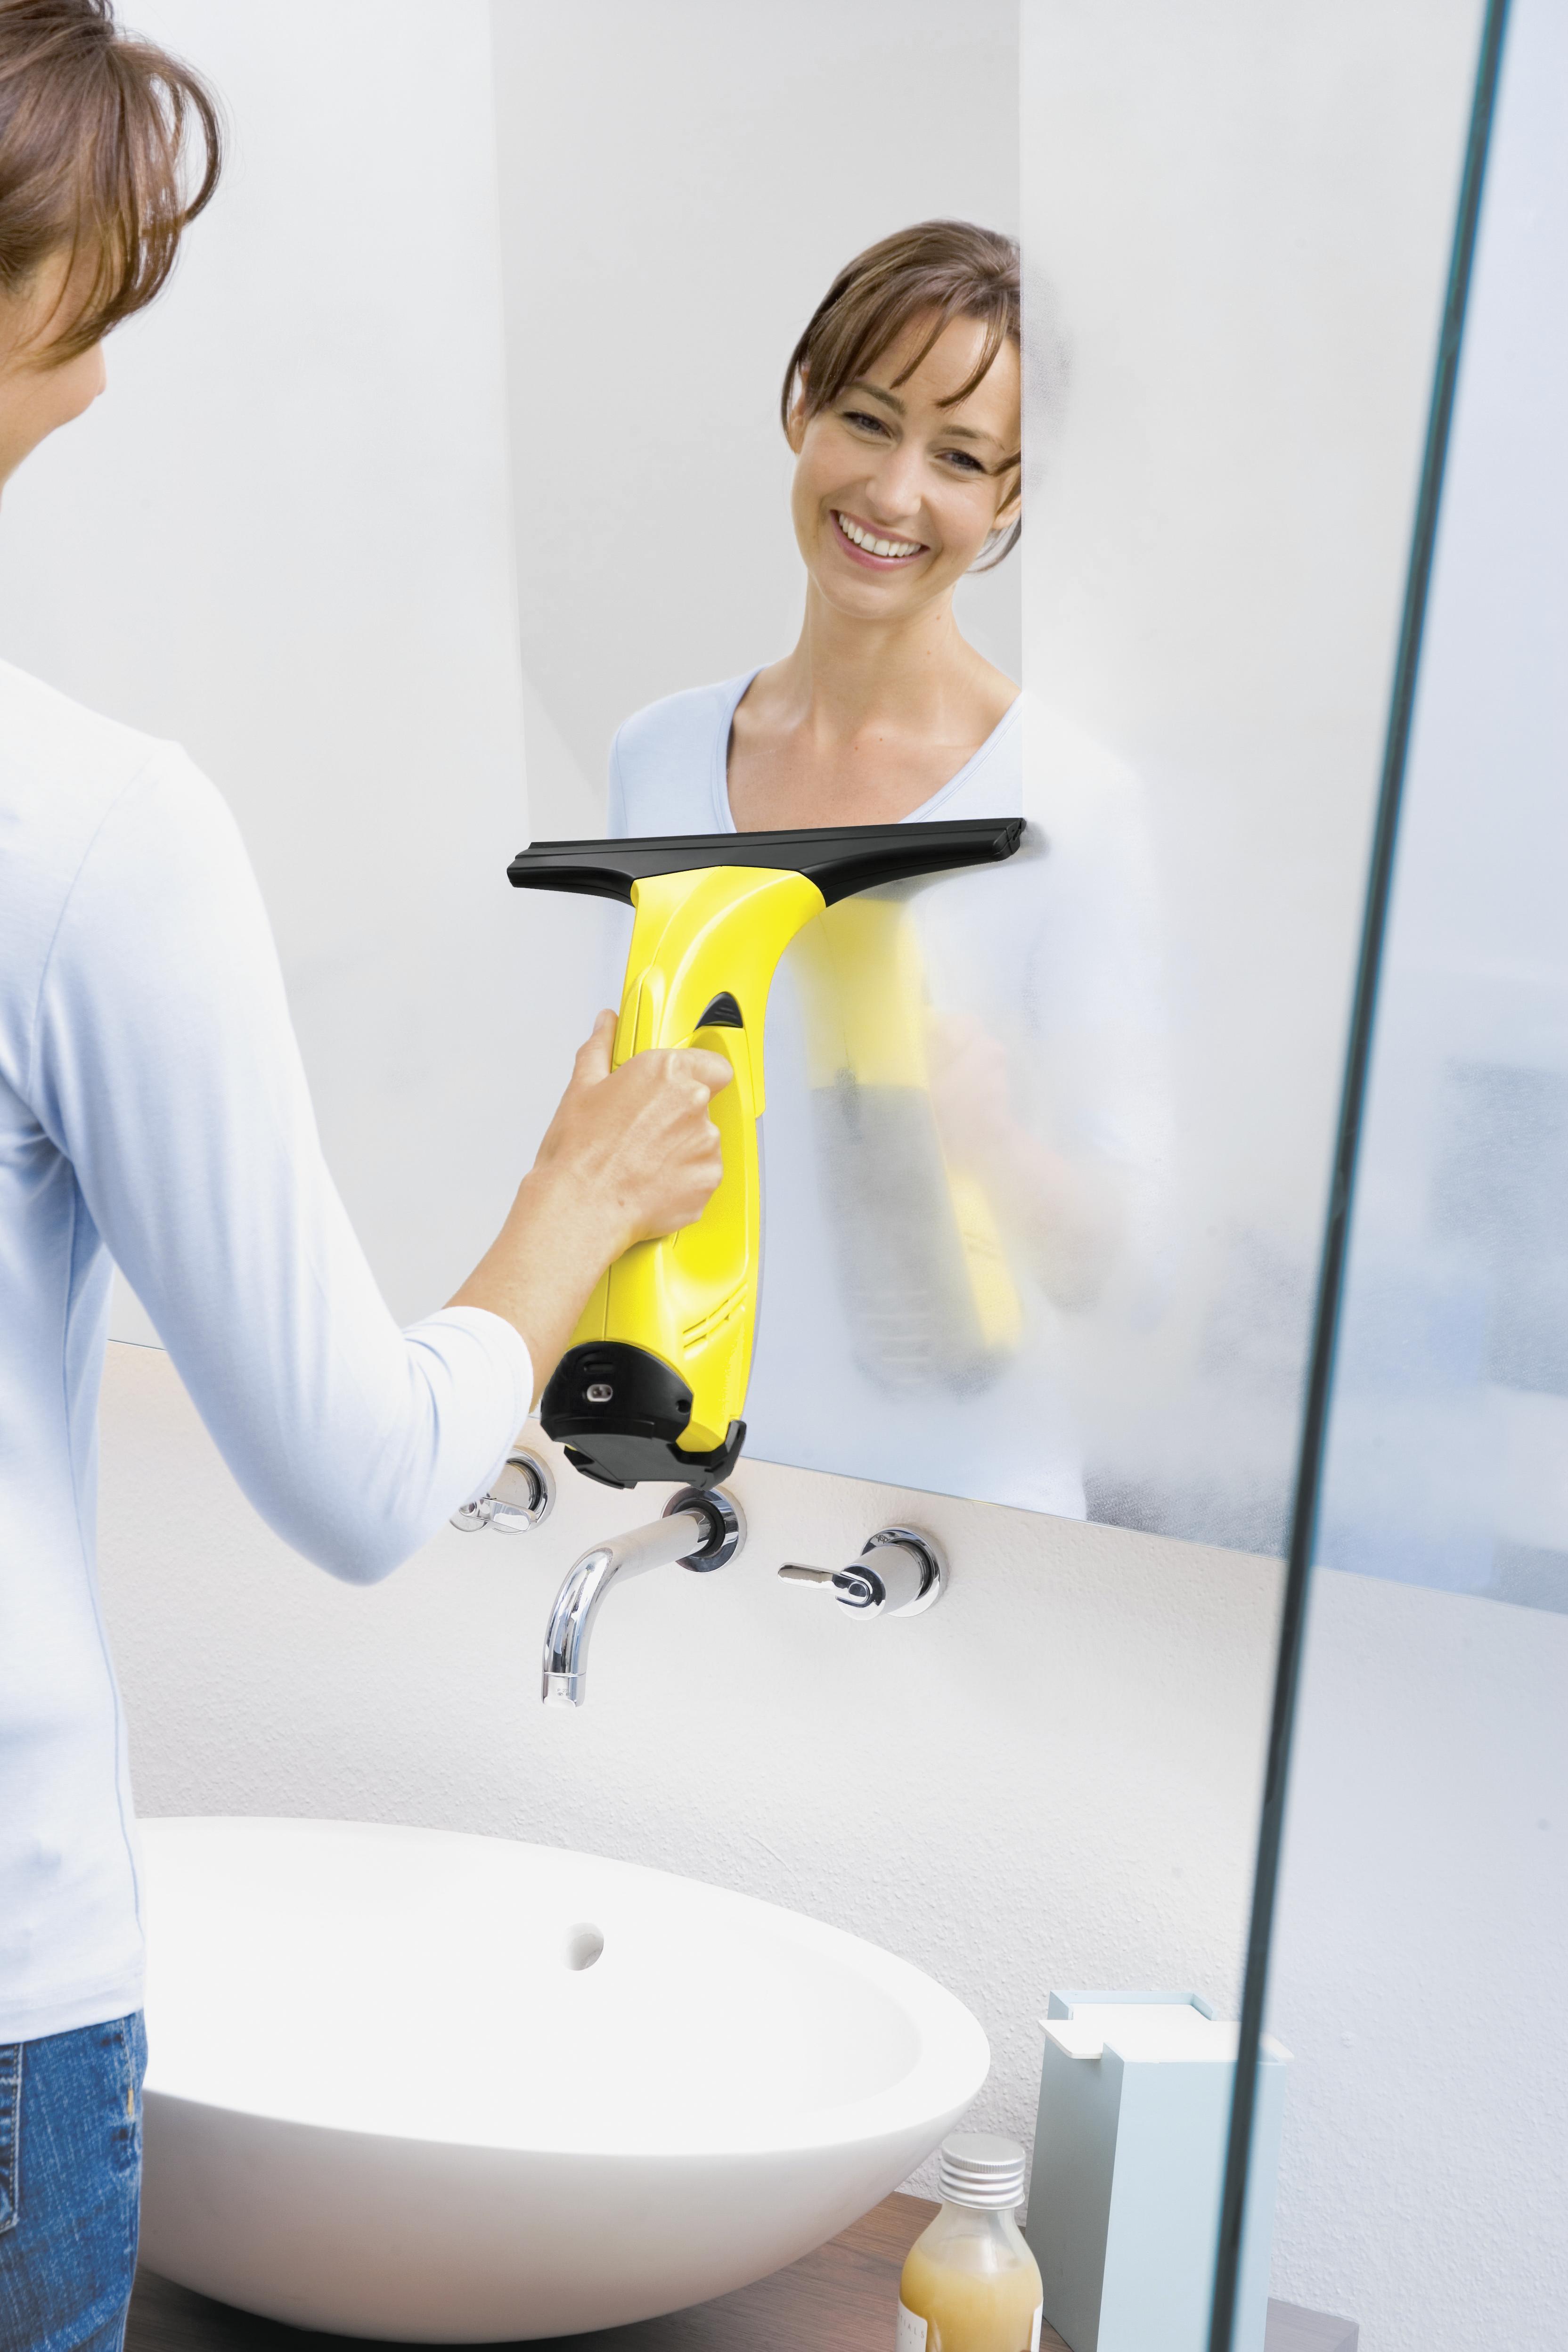 trucos de limpieza - westwing magazine 2